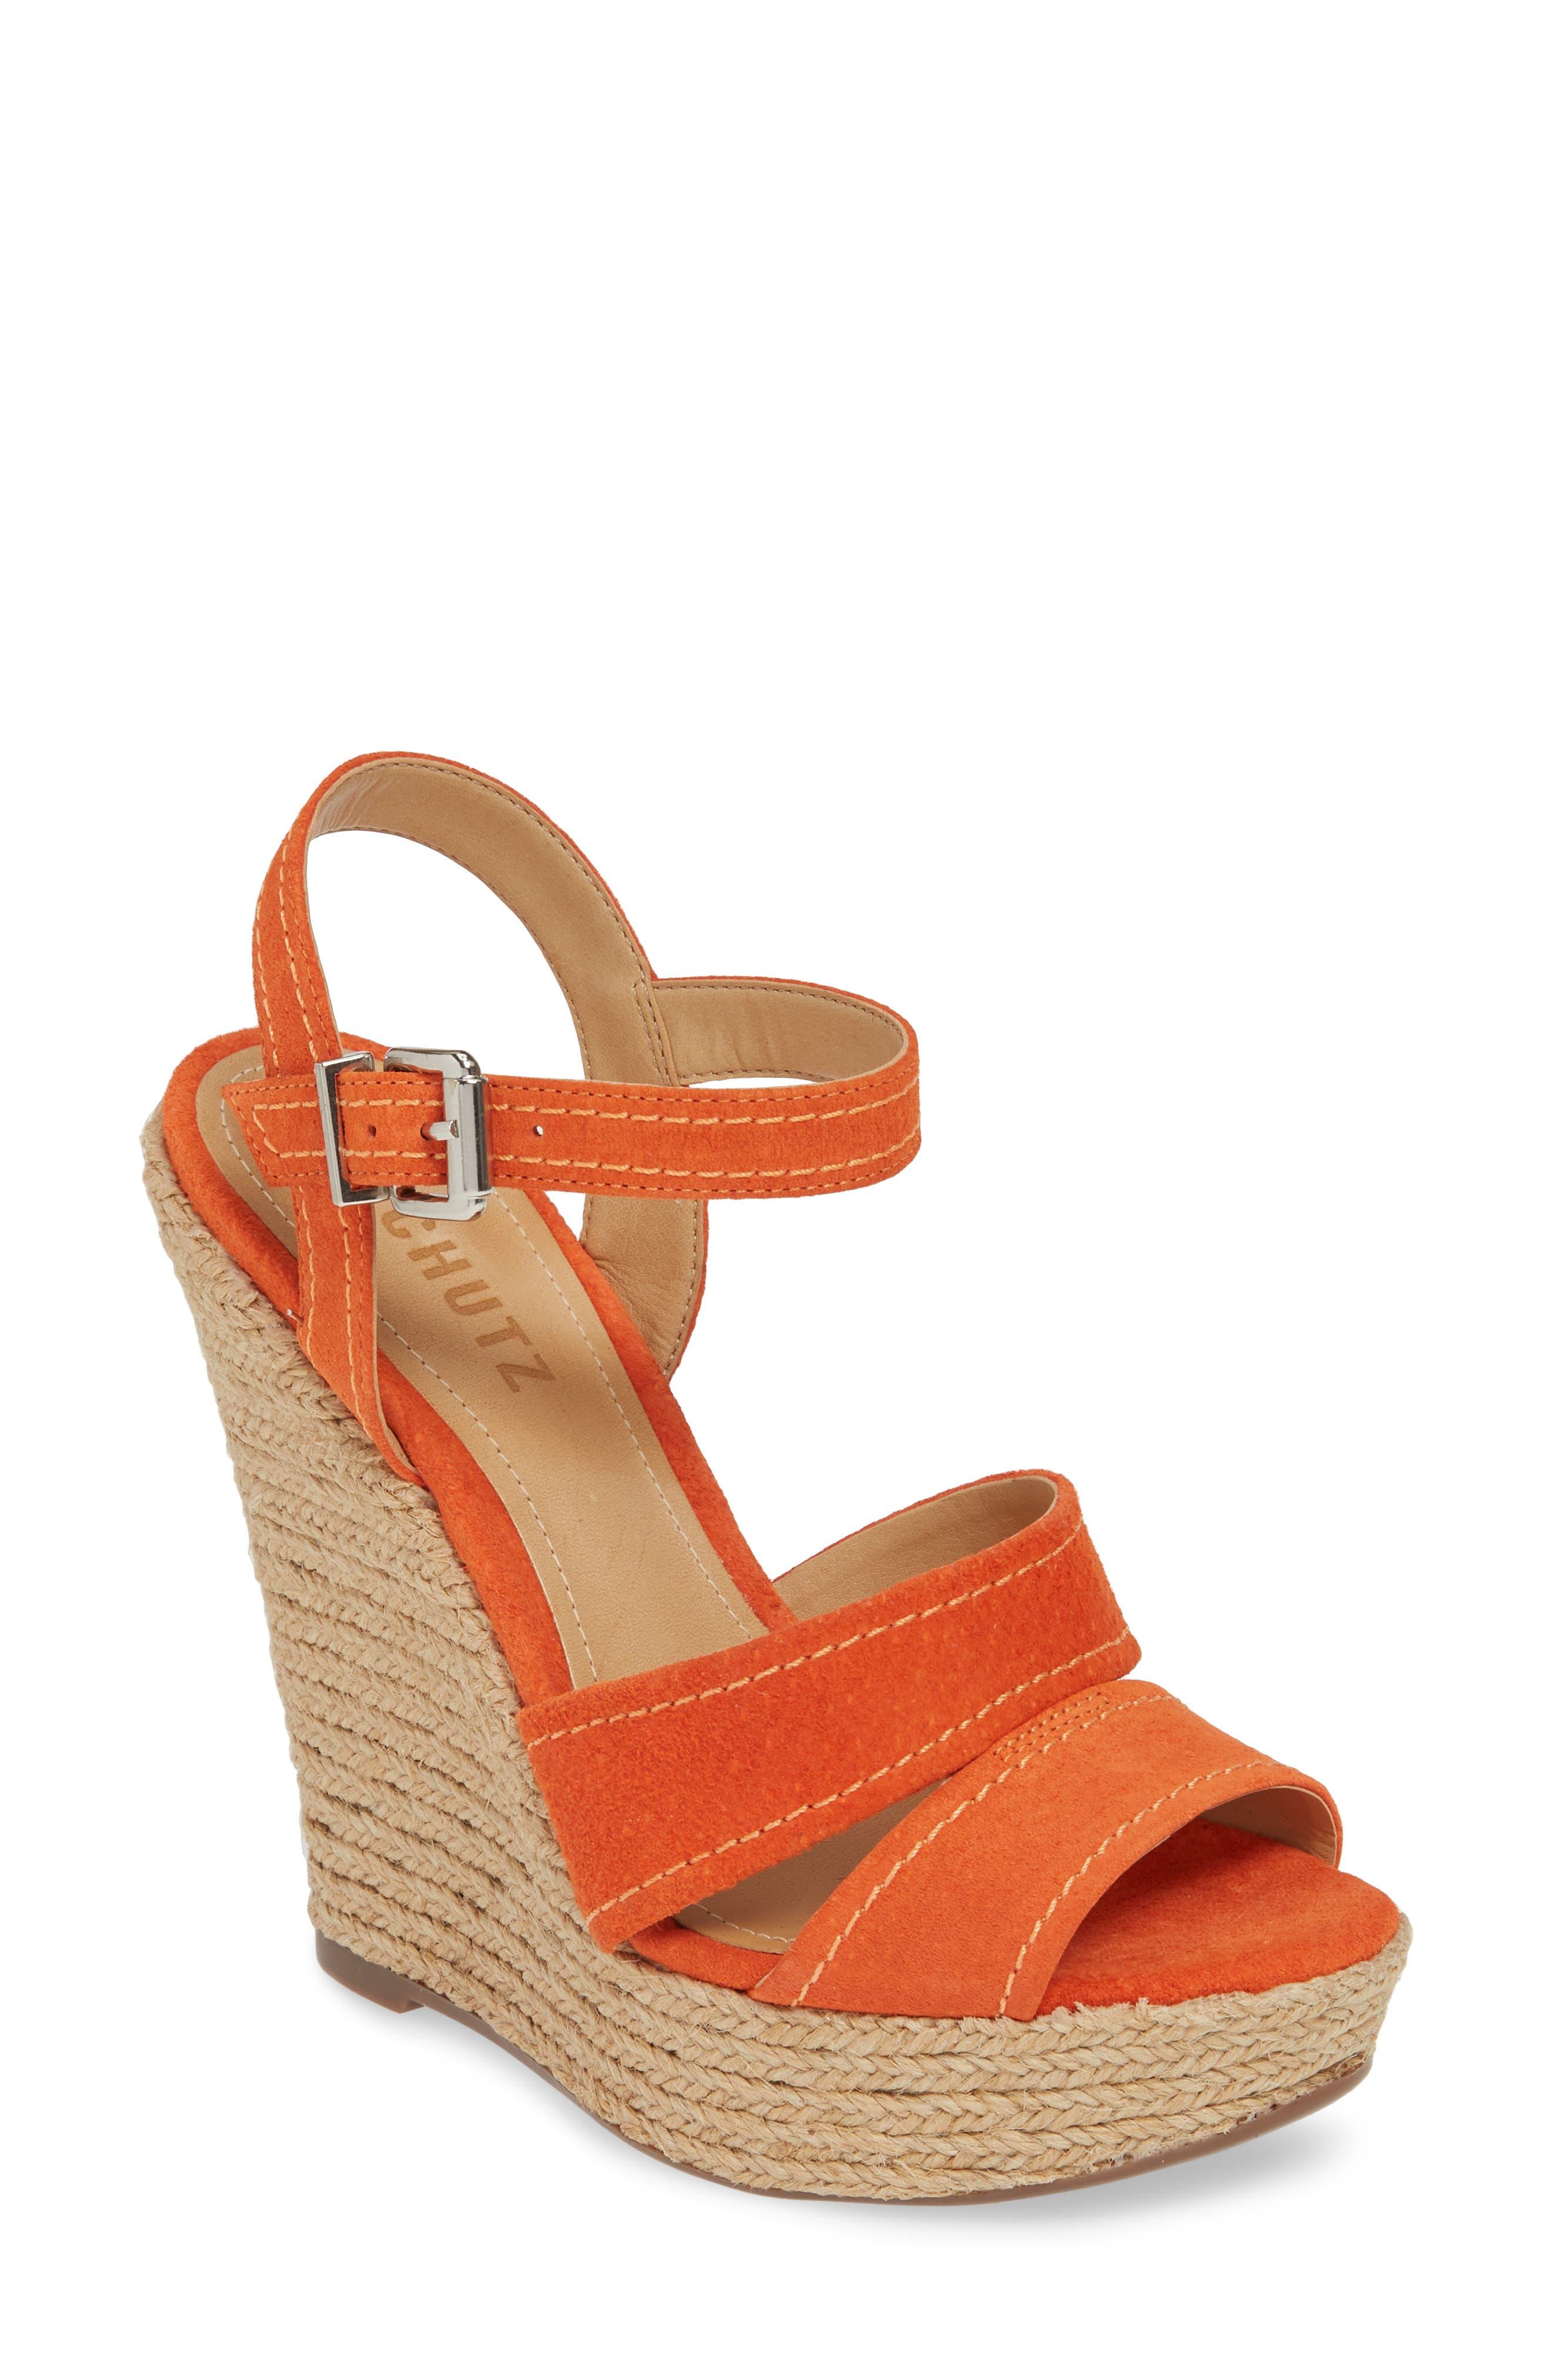 Schutz Dorida Platform Wedge Sandal